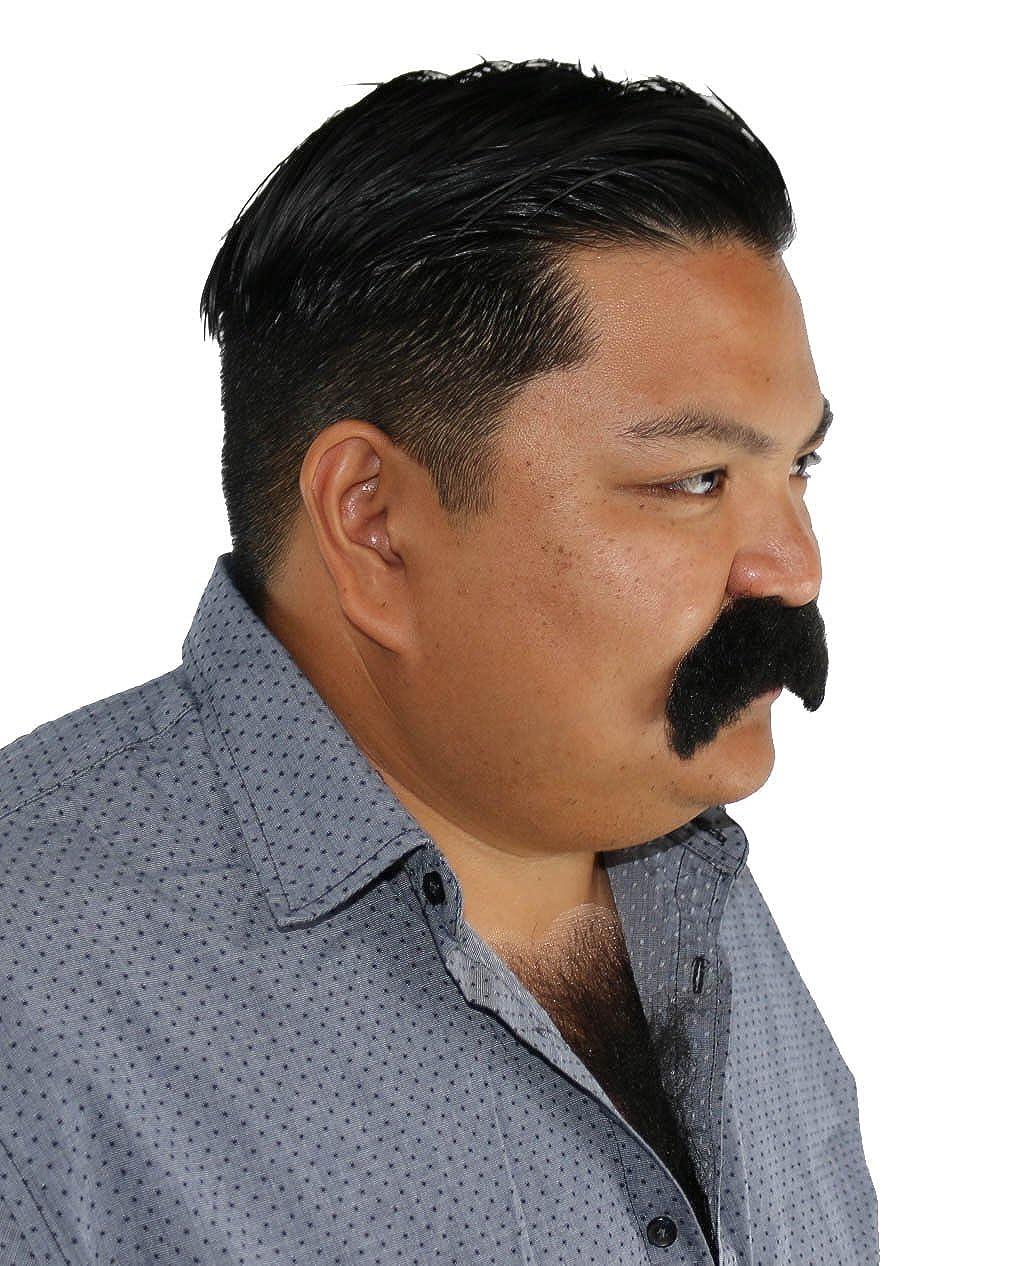 City Costume Wigs Black Walrus Mustache